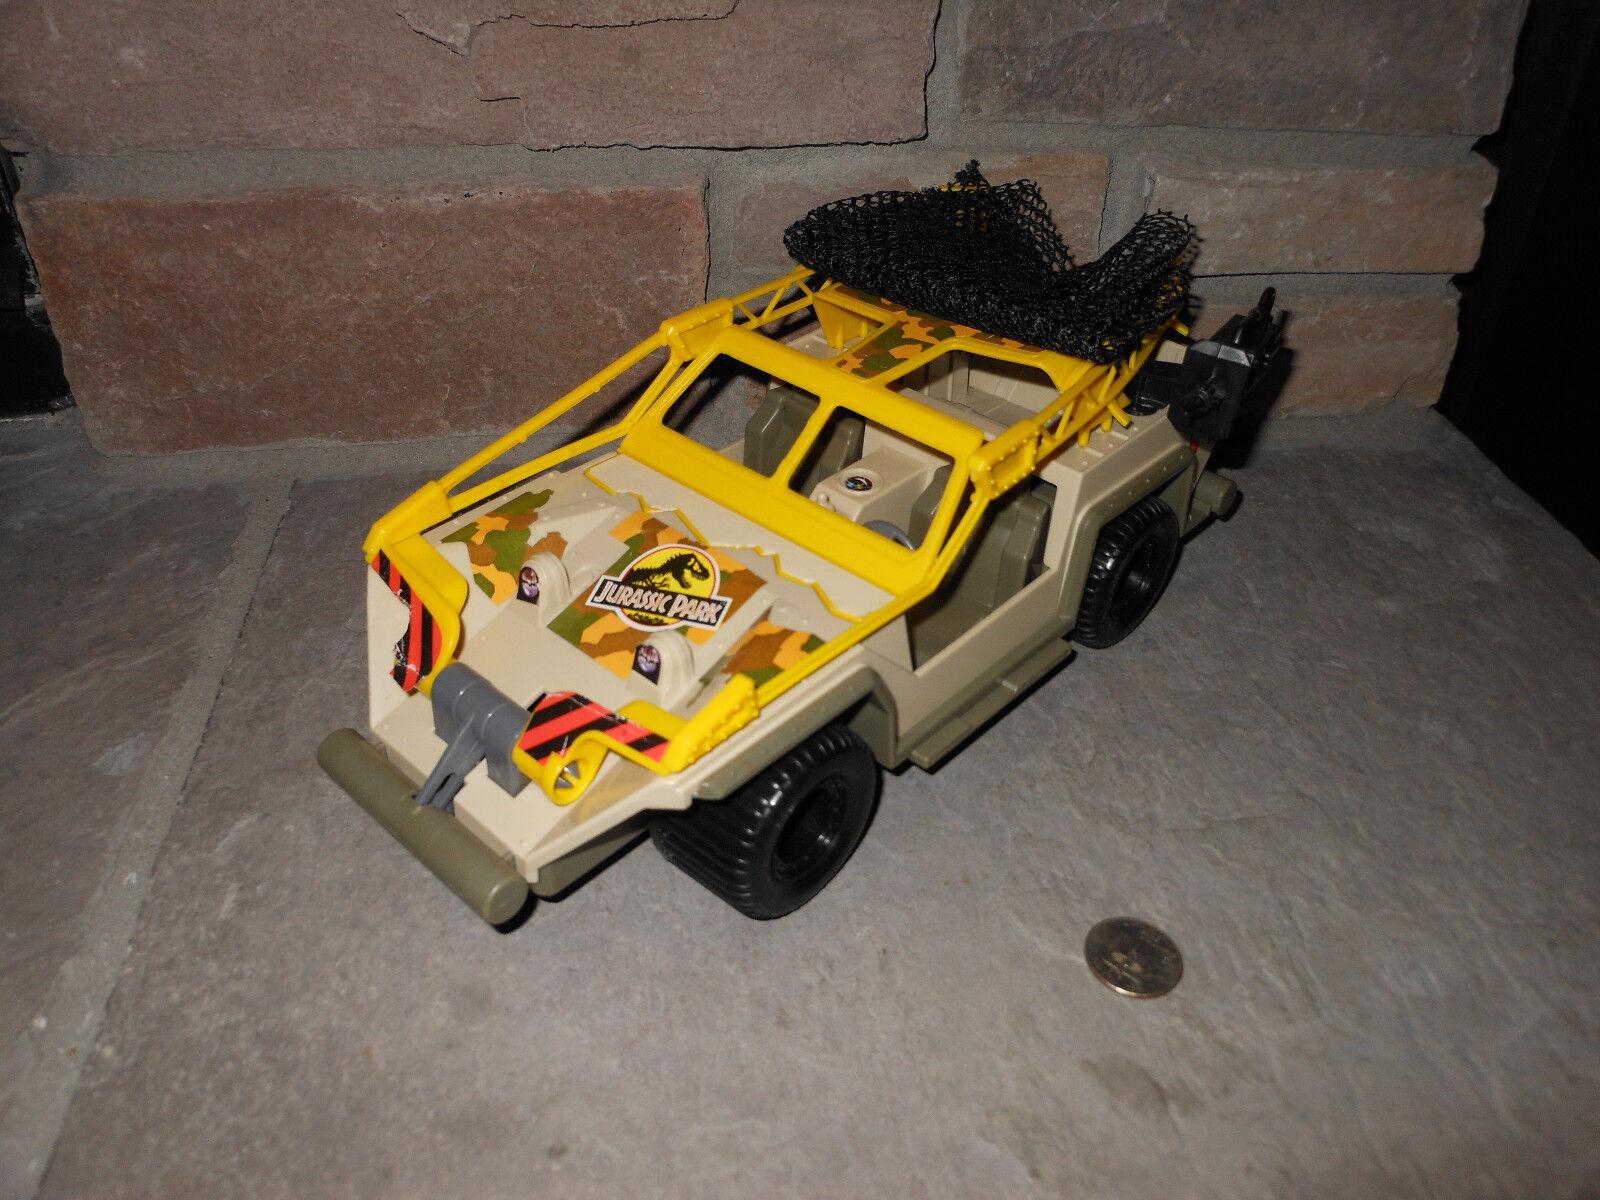 presentando toda la última moda de la calle Jurassic Jurassic Jurassic Park Series 2 capturar Cruiser Completa  descuento